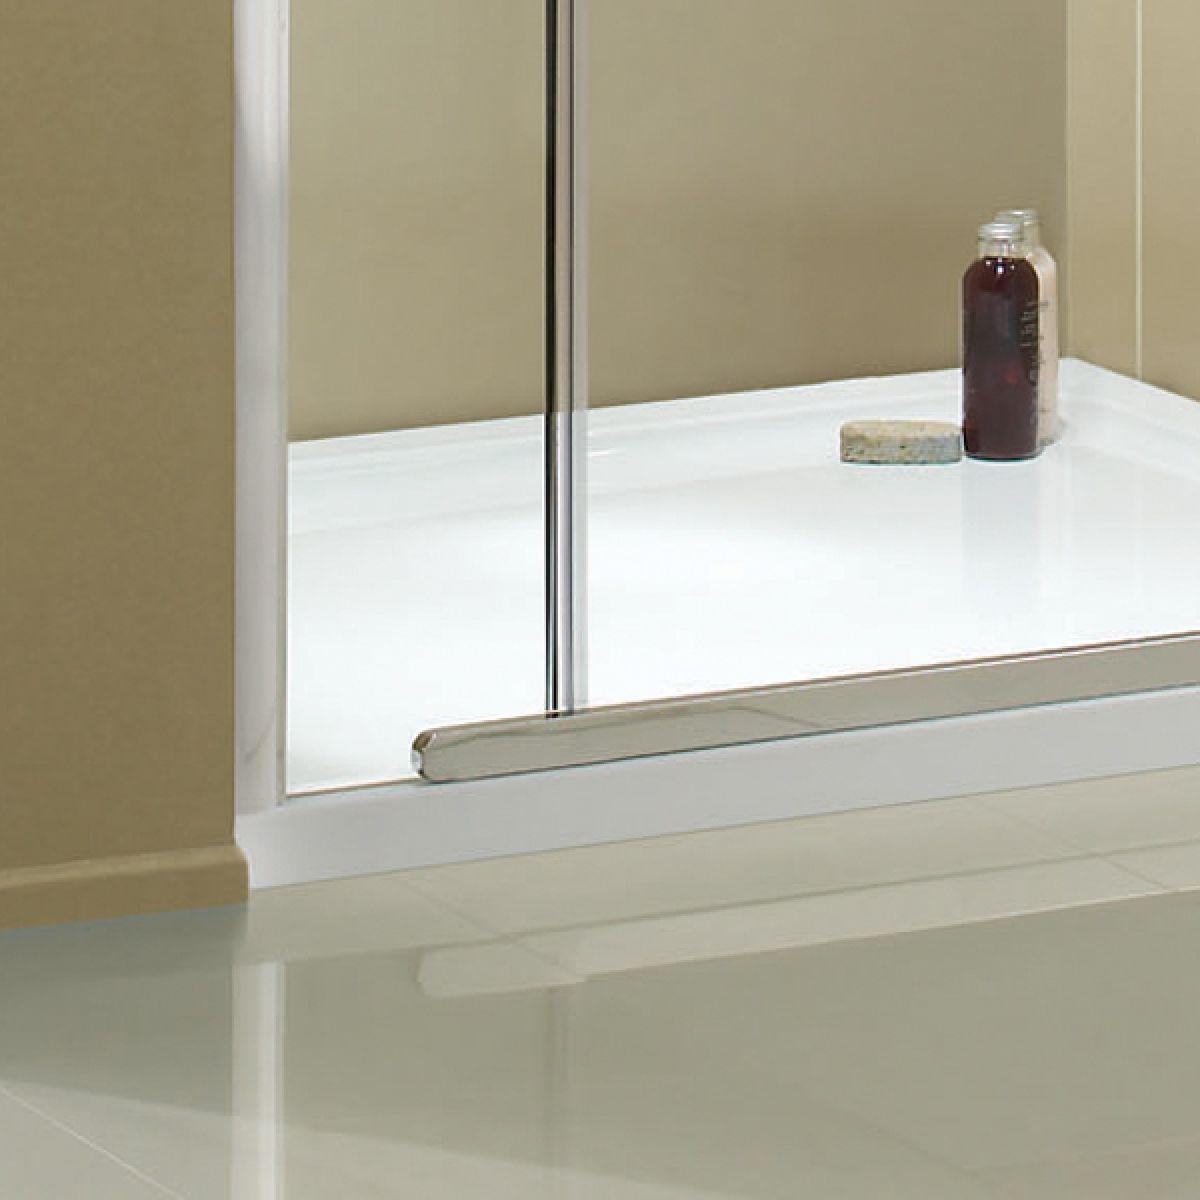 Aquadart Inline Recess Hinged Shower Door Detail 3